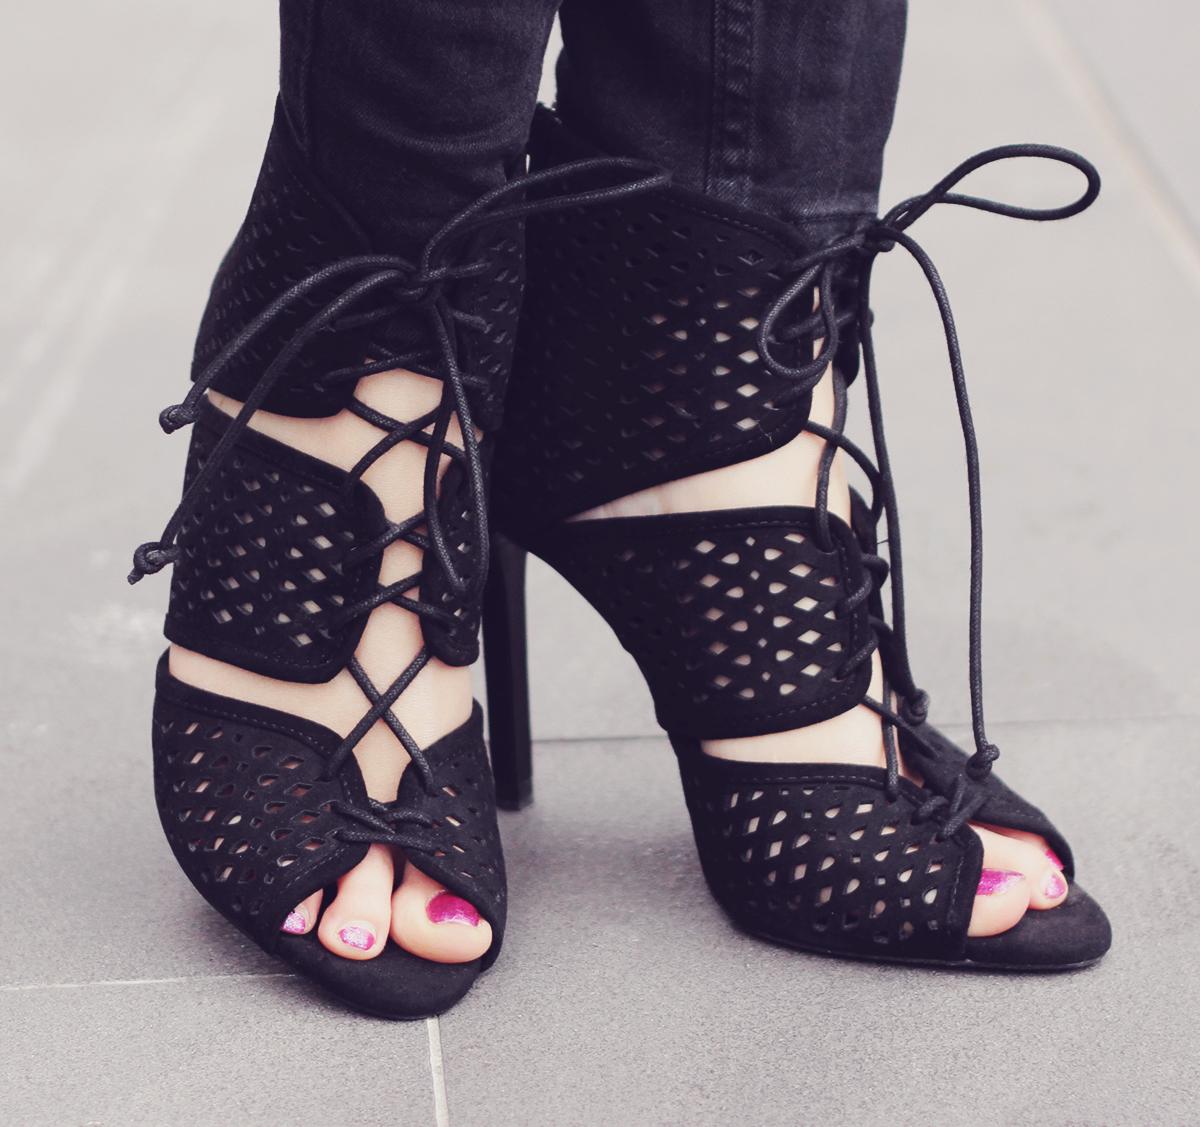 cut high heeled sandals